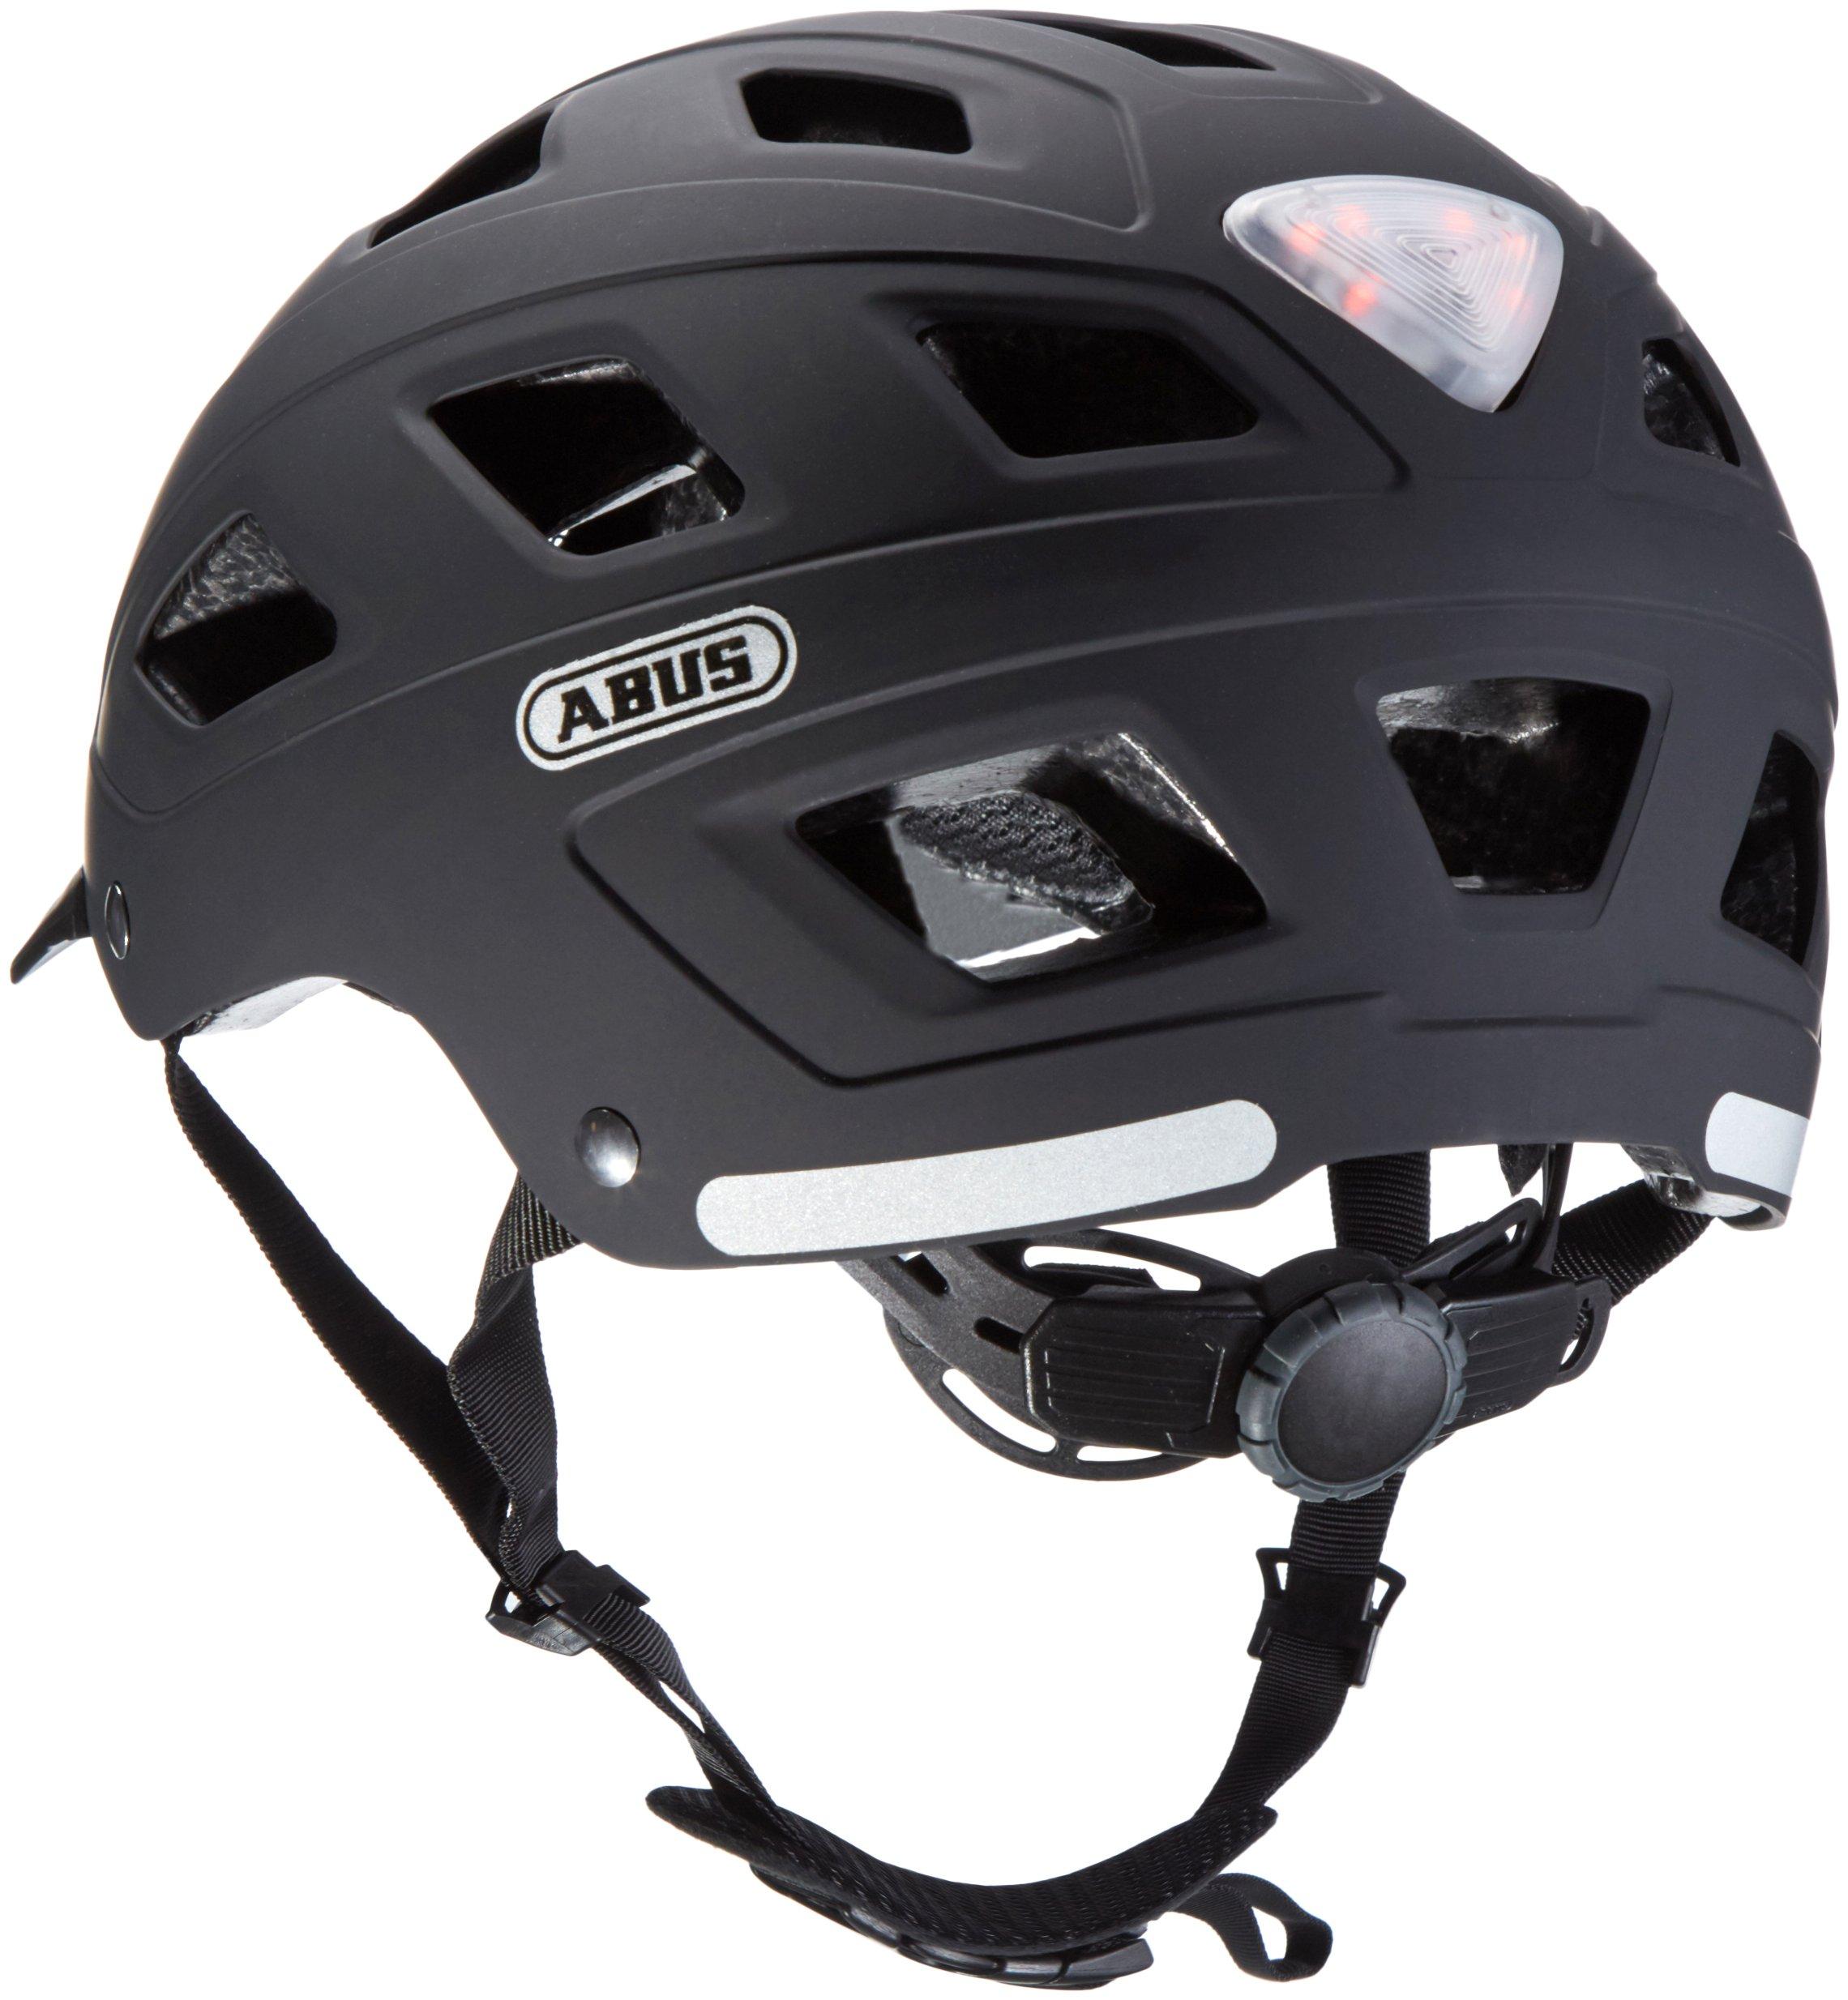 Comprar ABUS Hyban Velvet Patinete Negro - Cascos de protección para deportes (Mate)